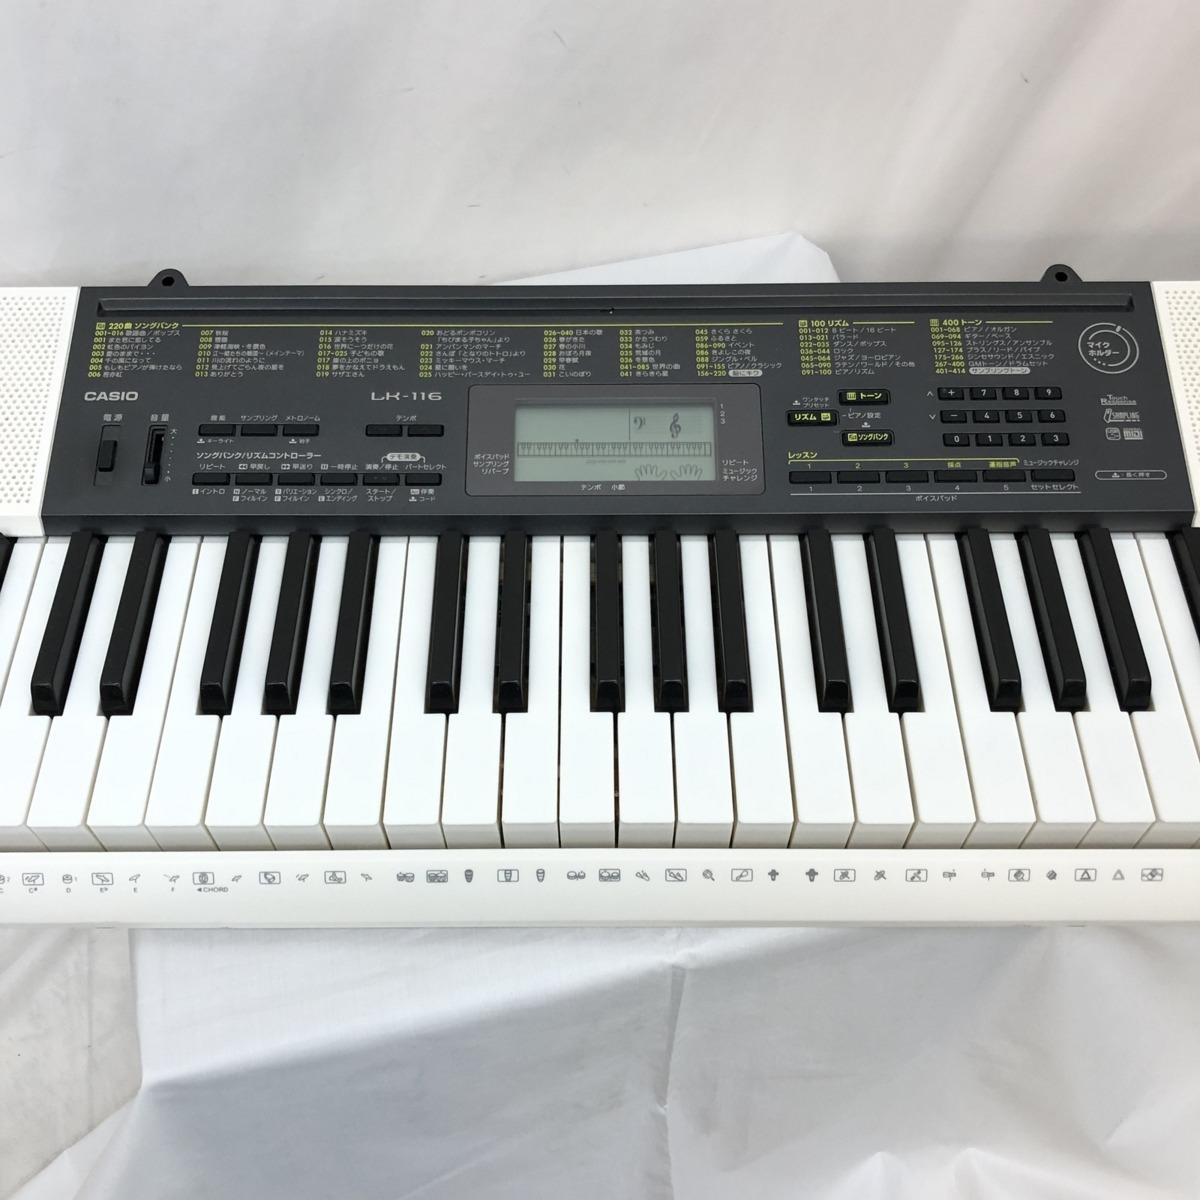 中古 CASIO カシオ 電子キーボード LK-116 61鍵盤 光ナビゲーション 電子ピアノ ホワイト ブラック 鍵盤楽器 アダプター付き H15204_画像6